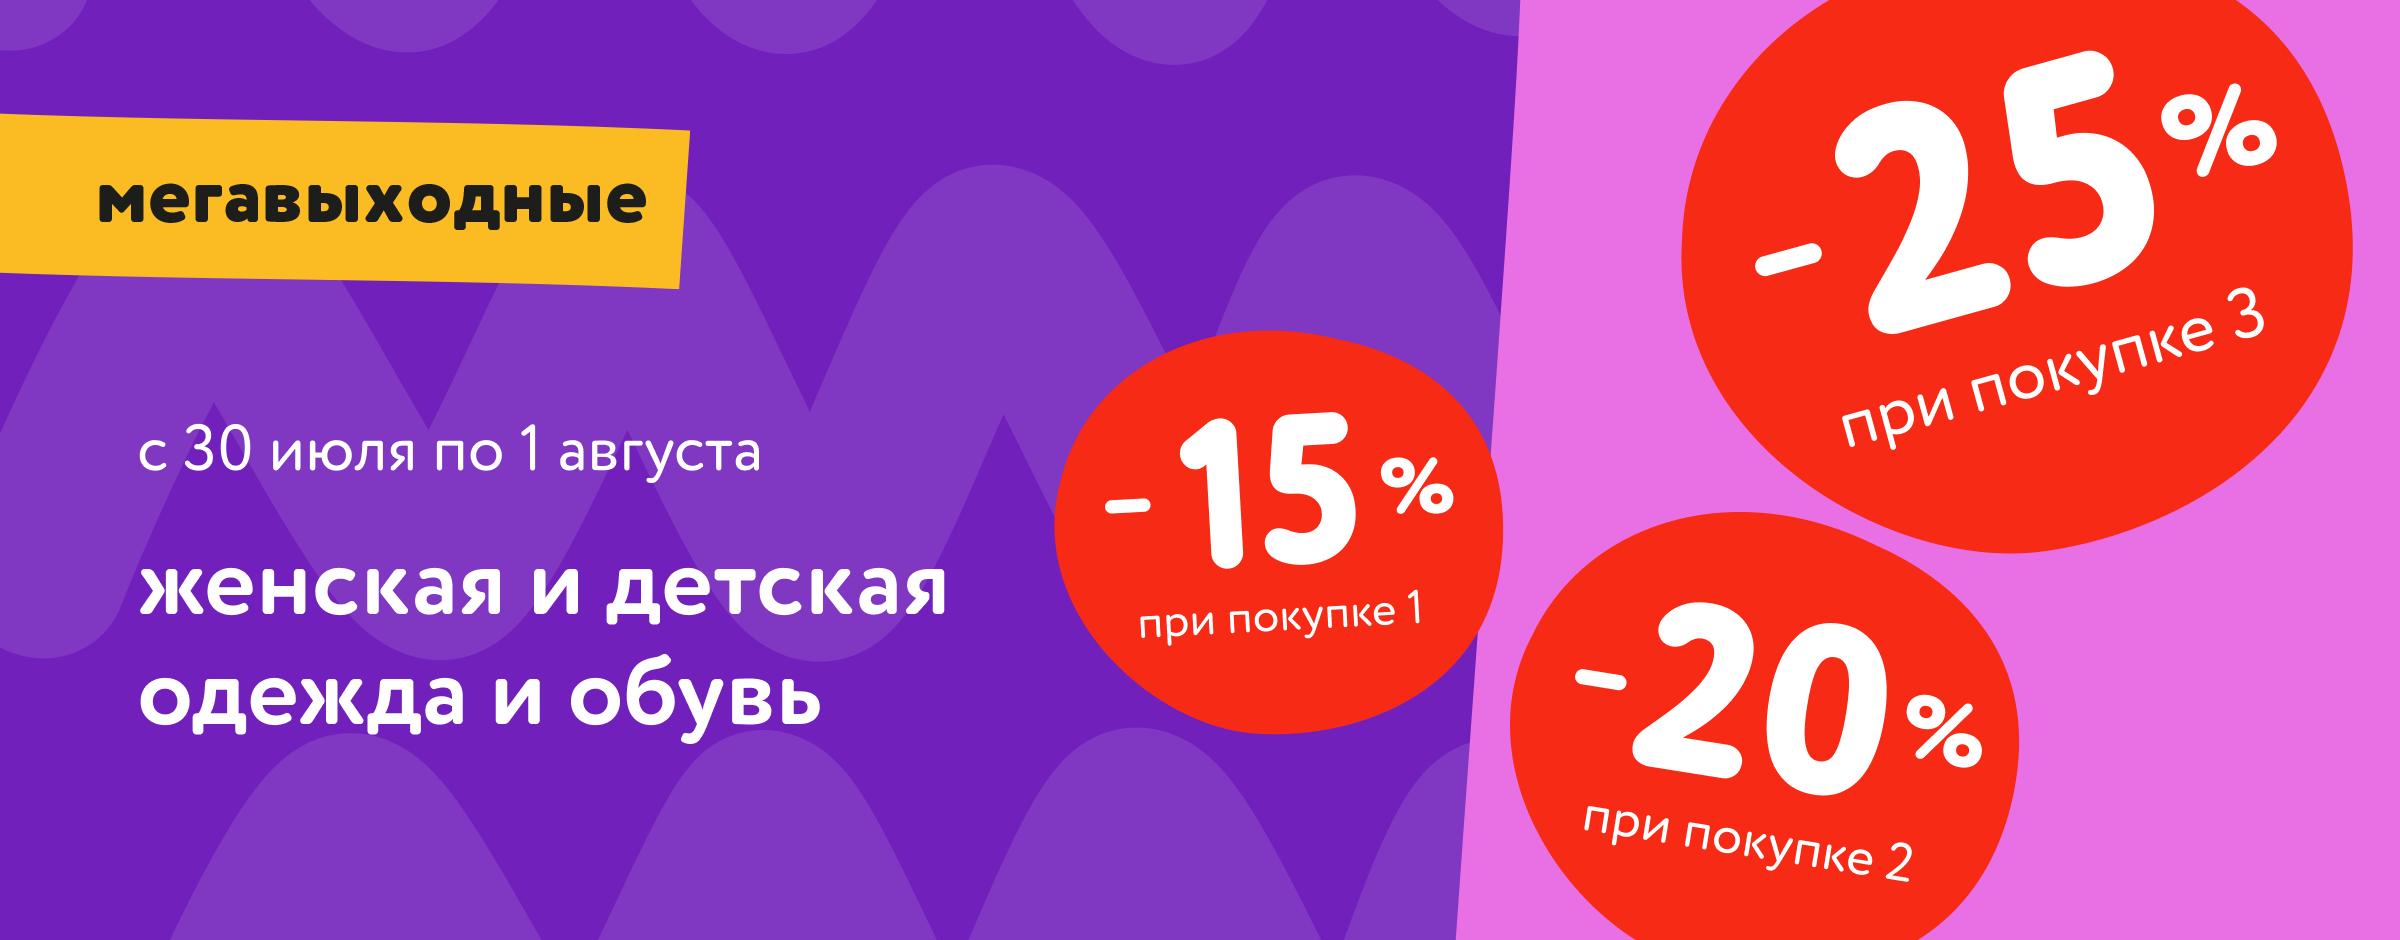 -15% на 1, -20% на 2, -25% на 3 вещи